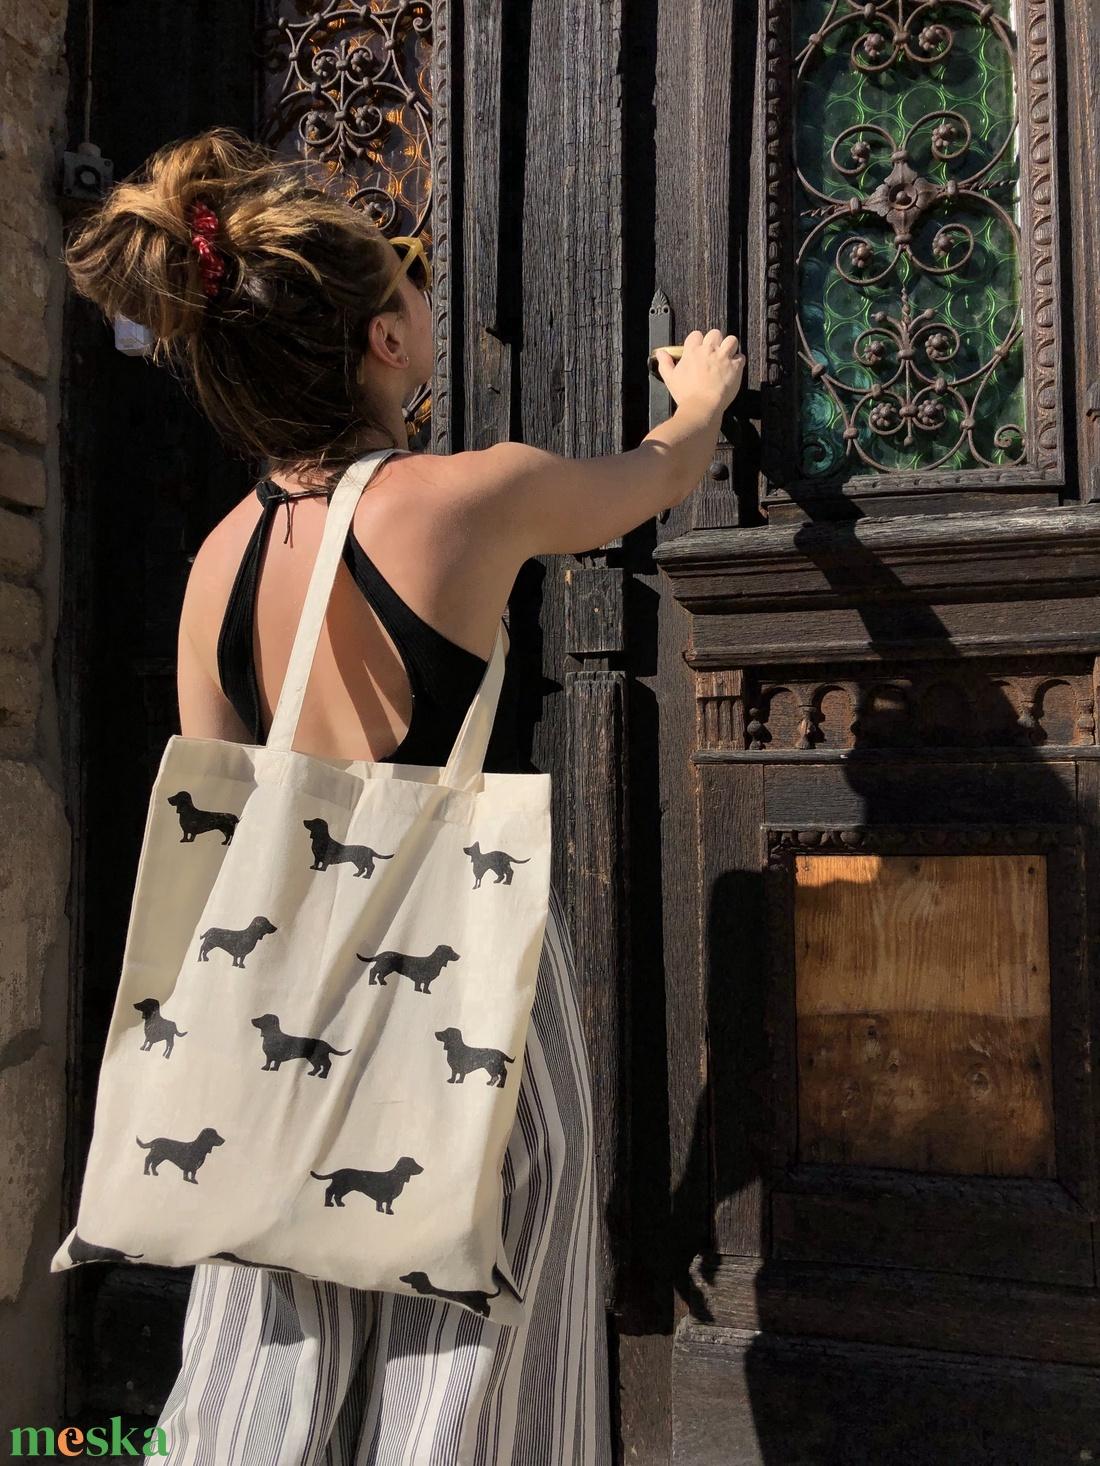 Tacskó mintás vászontáska - táska & tok - bevásárlás & shopper táska - shopper, textiltáska, szatyor - Meska.hu